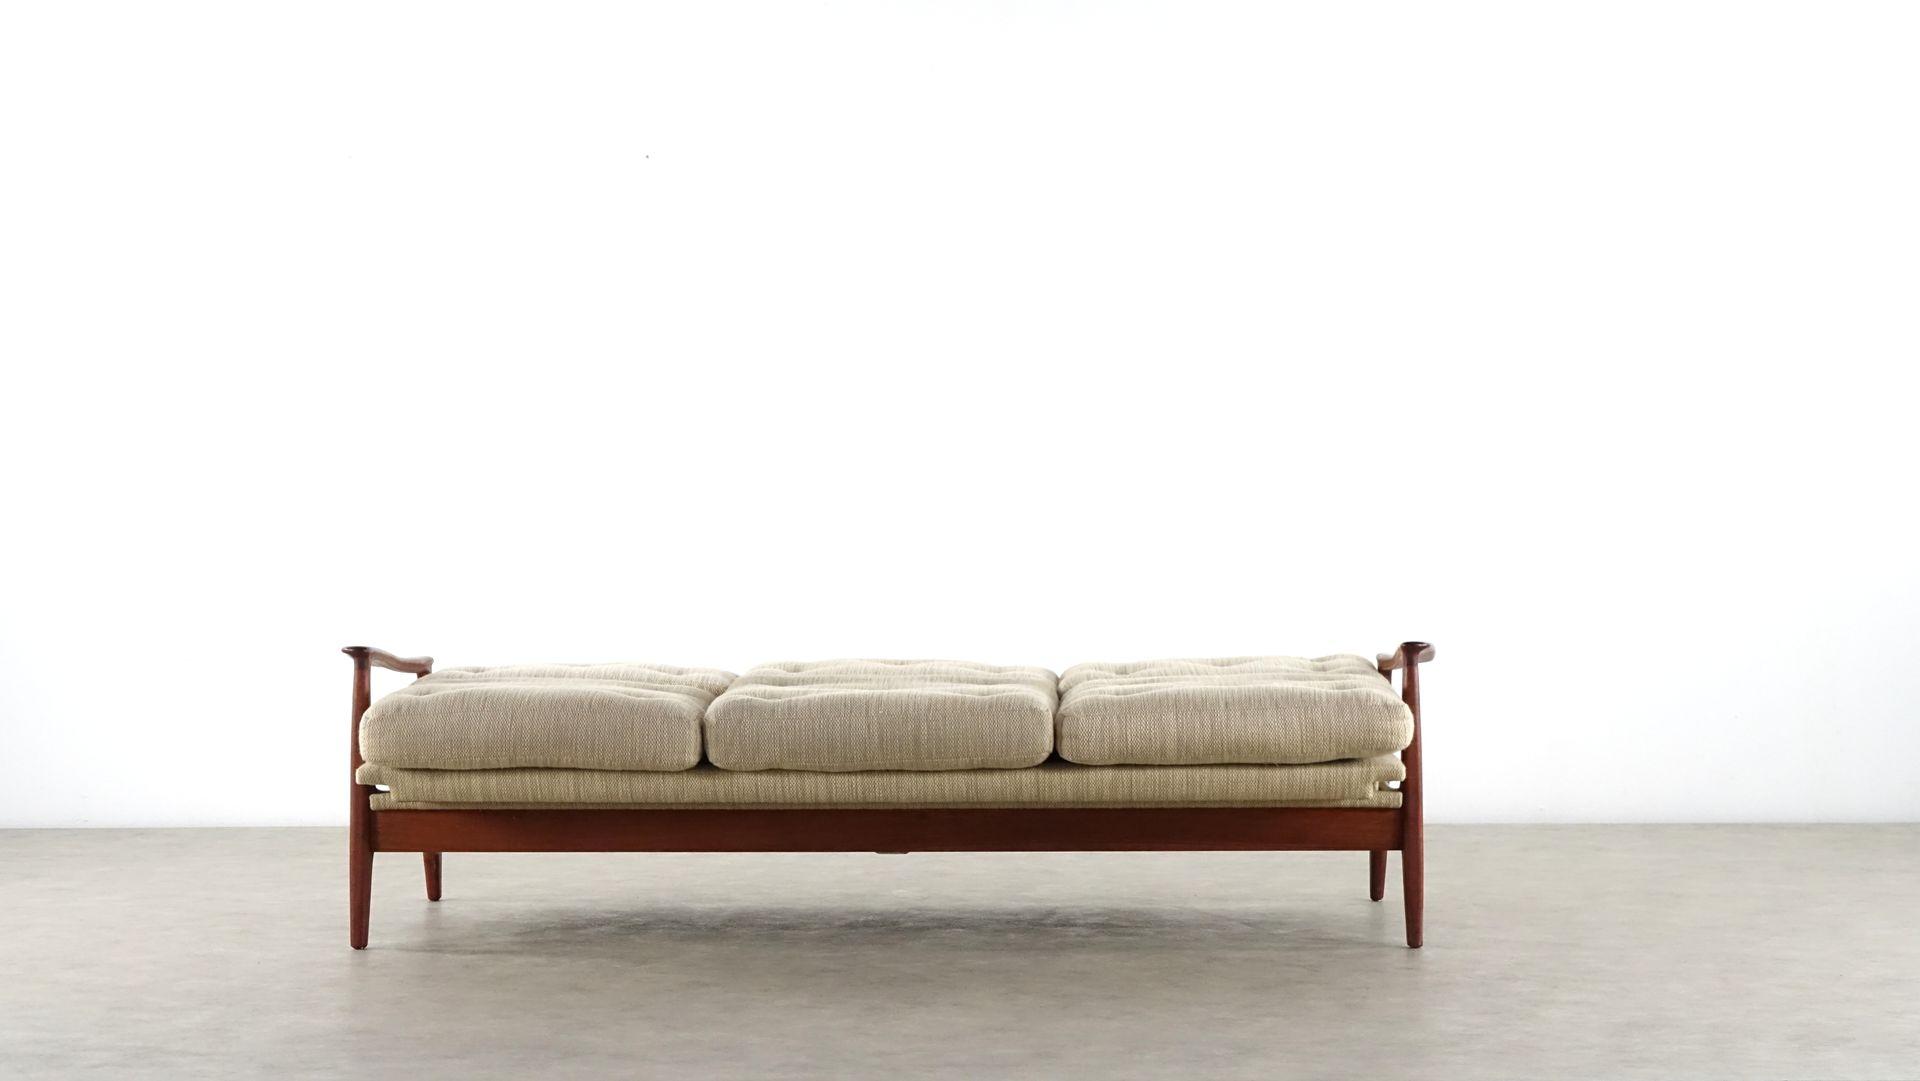 Mid century modern teak daybed by eugen schmidt for for Mid century modern day bed